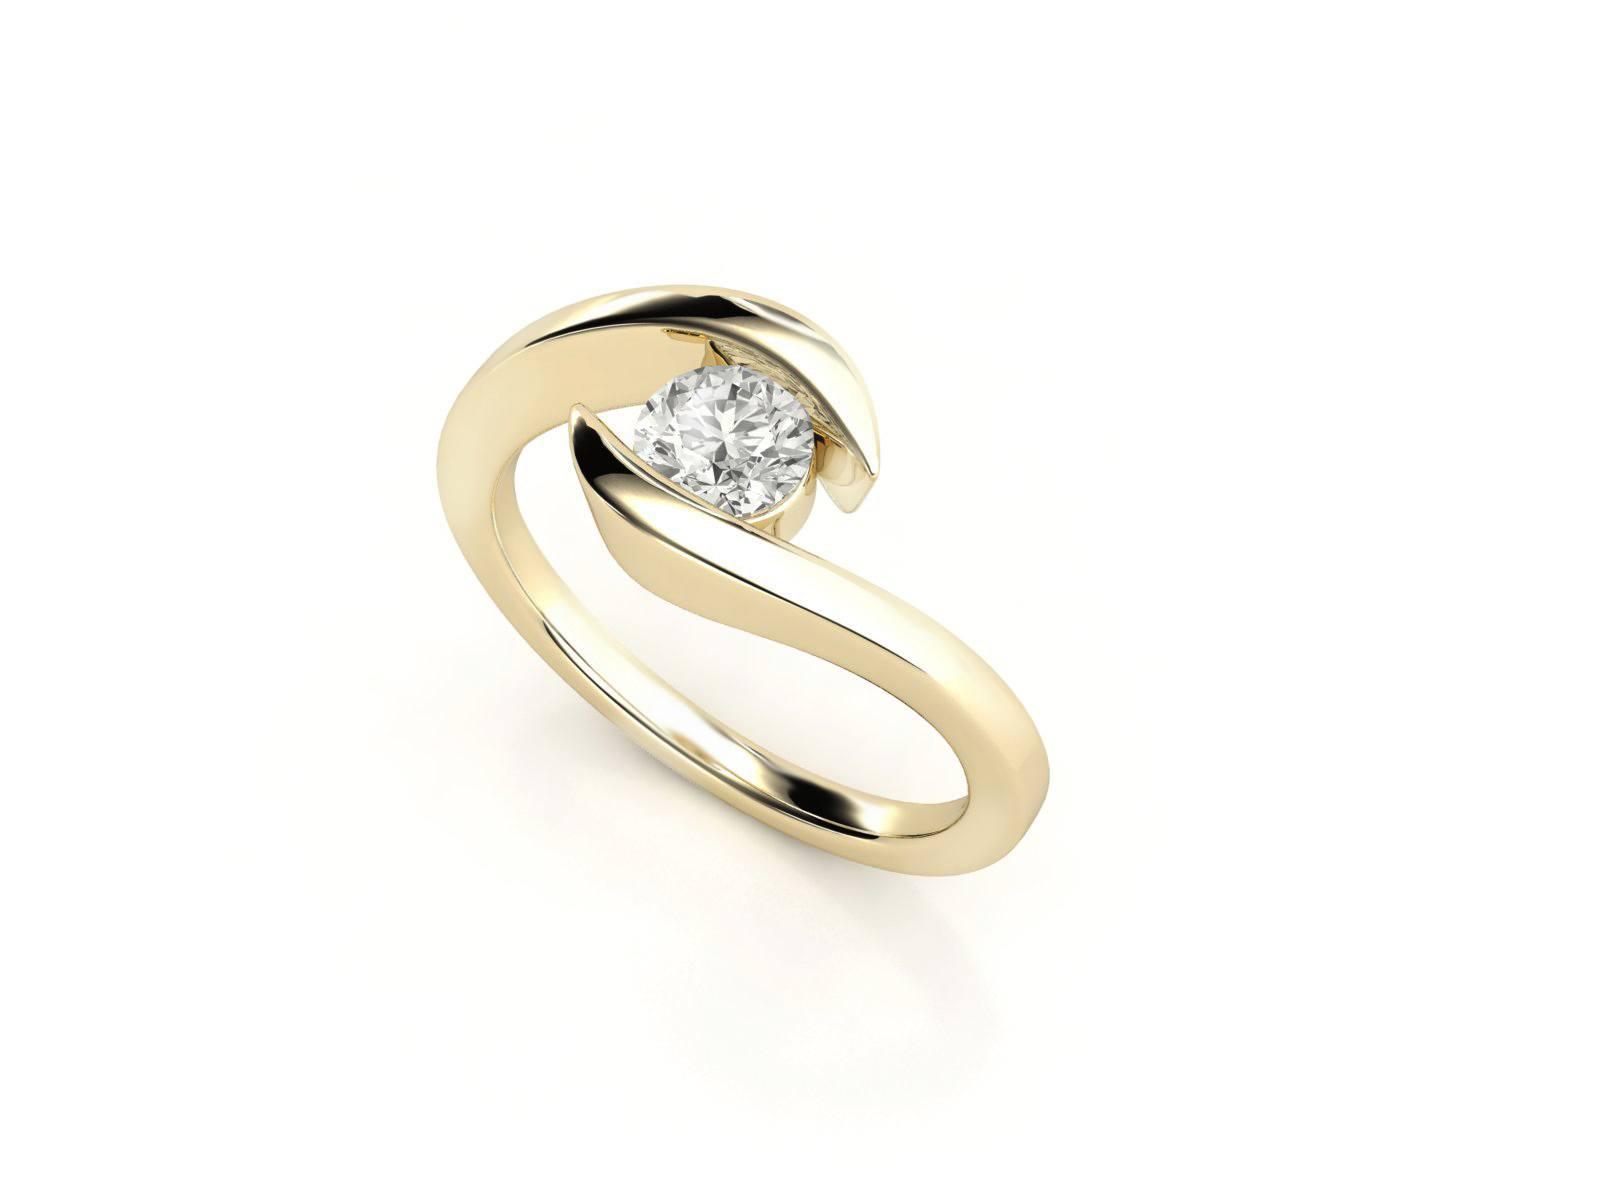 טבעת אירוסין זהב צהוב כוכב - 0.42 קראט יהלומים 3